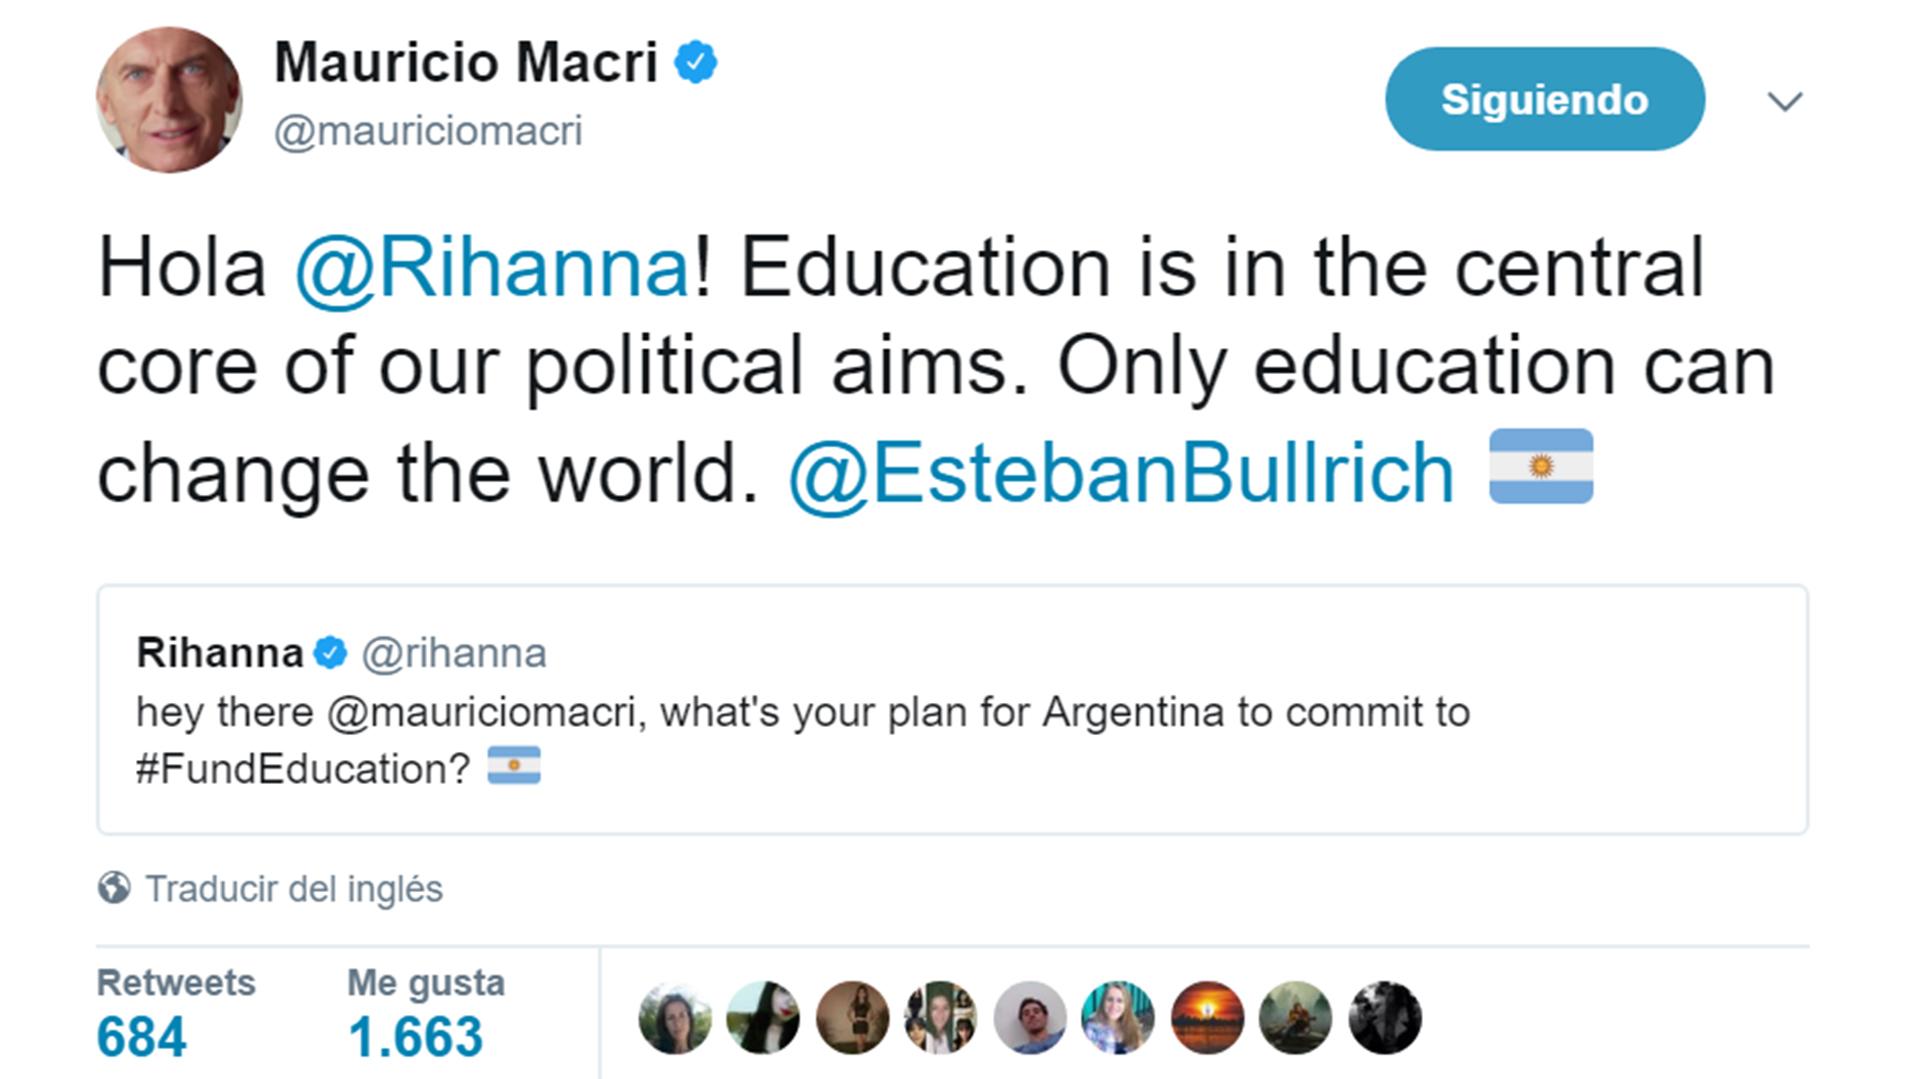 La respuesta de Macri a Rihanna.